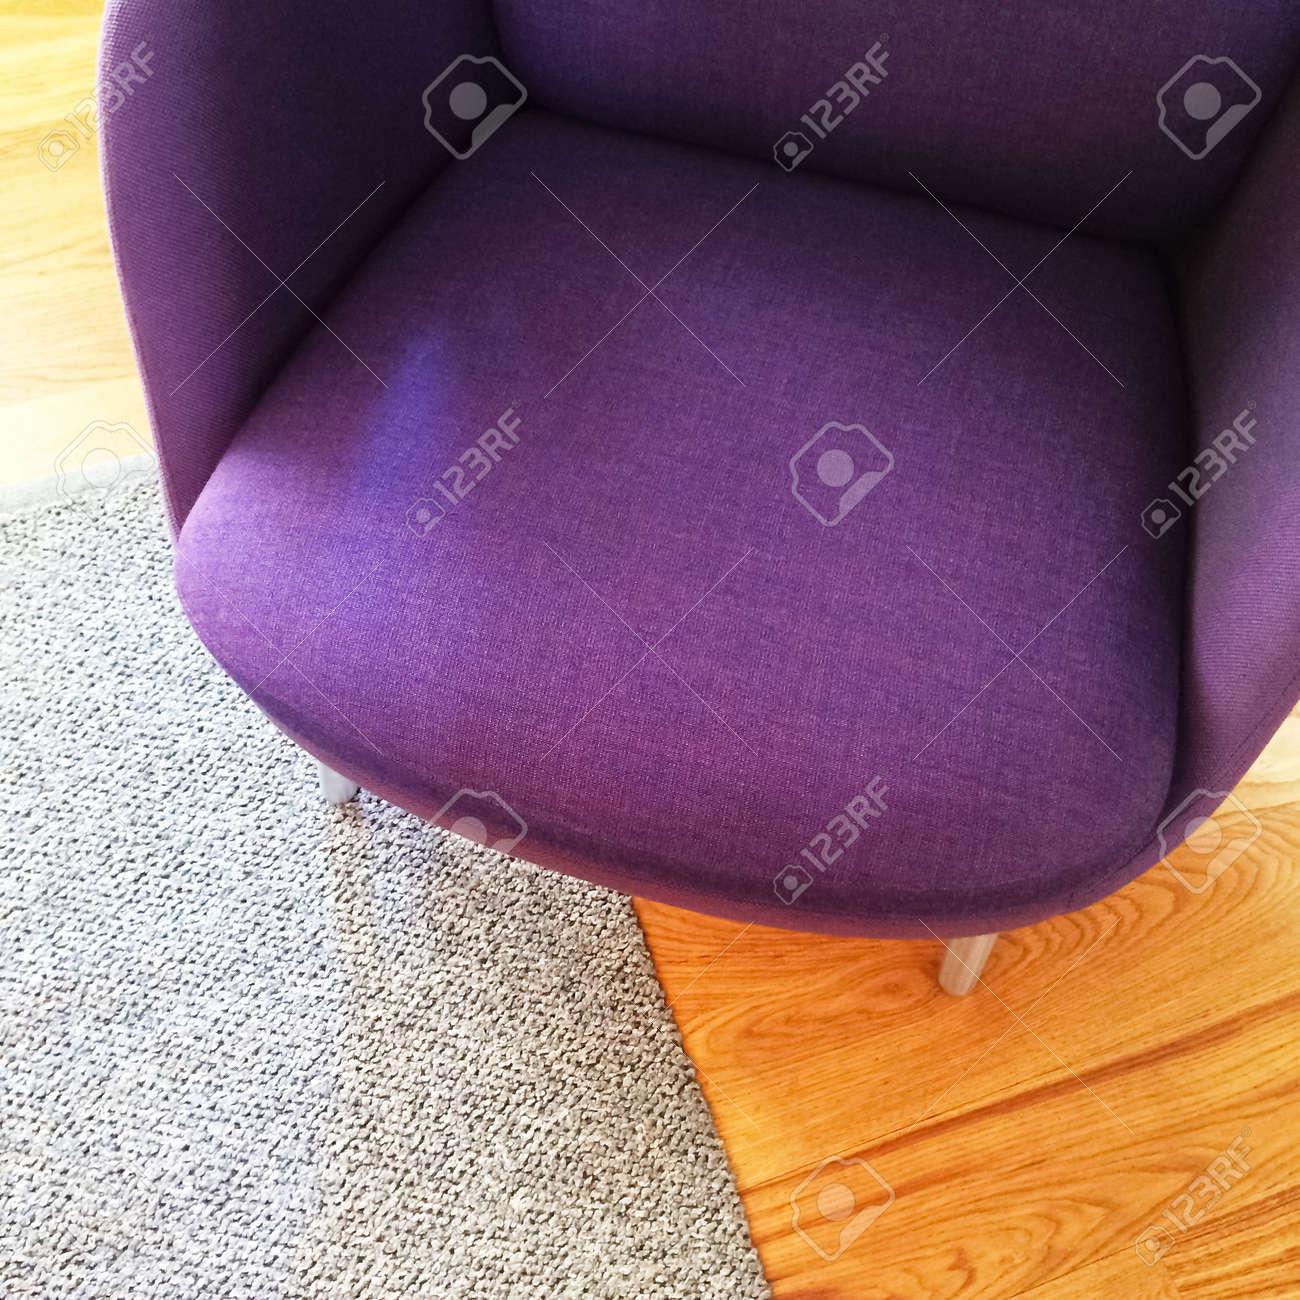 Modisch Lila Sessel Auf Holzboden. Moderne Möbel. Lizenzfreie Fotos ...